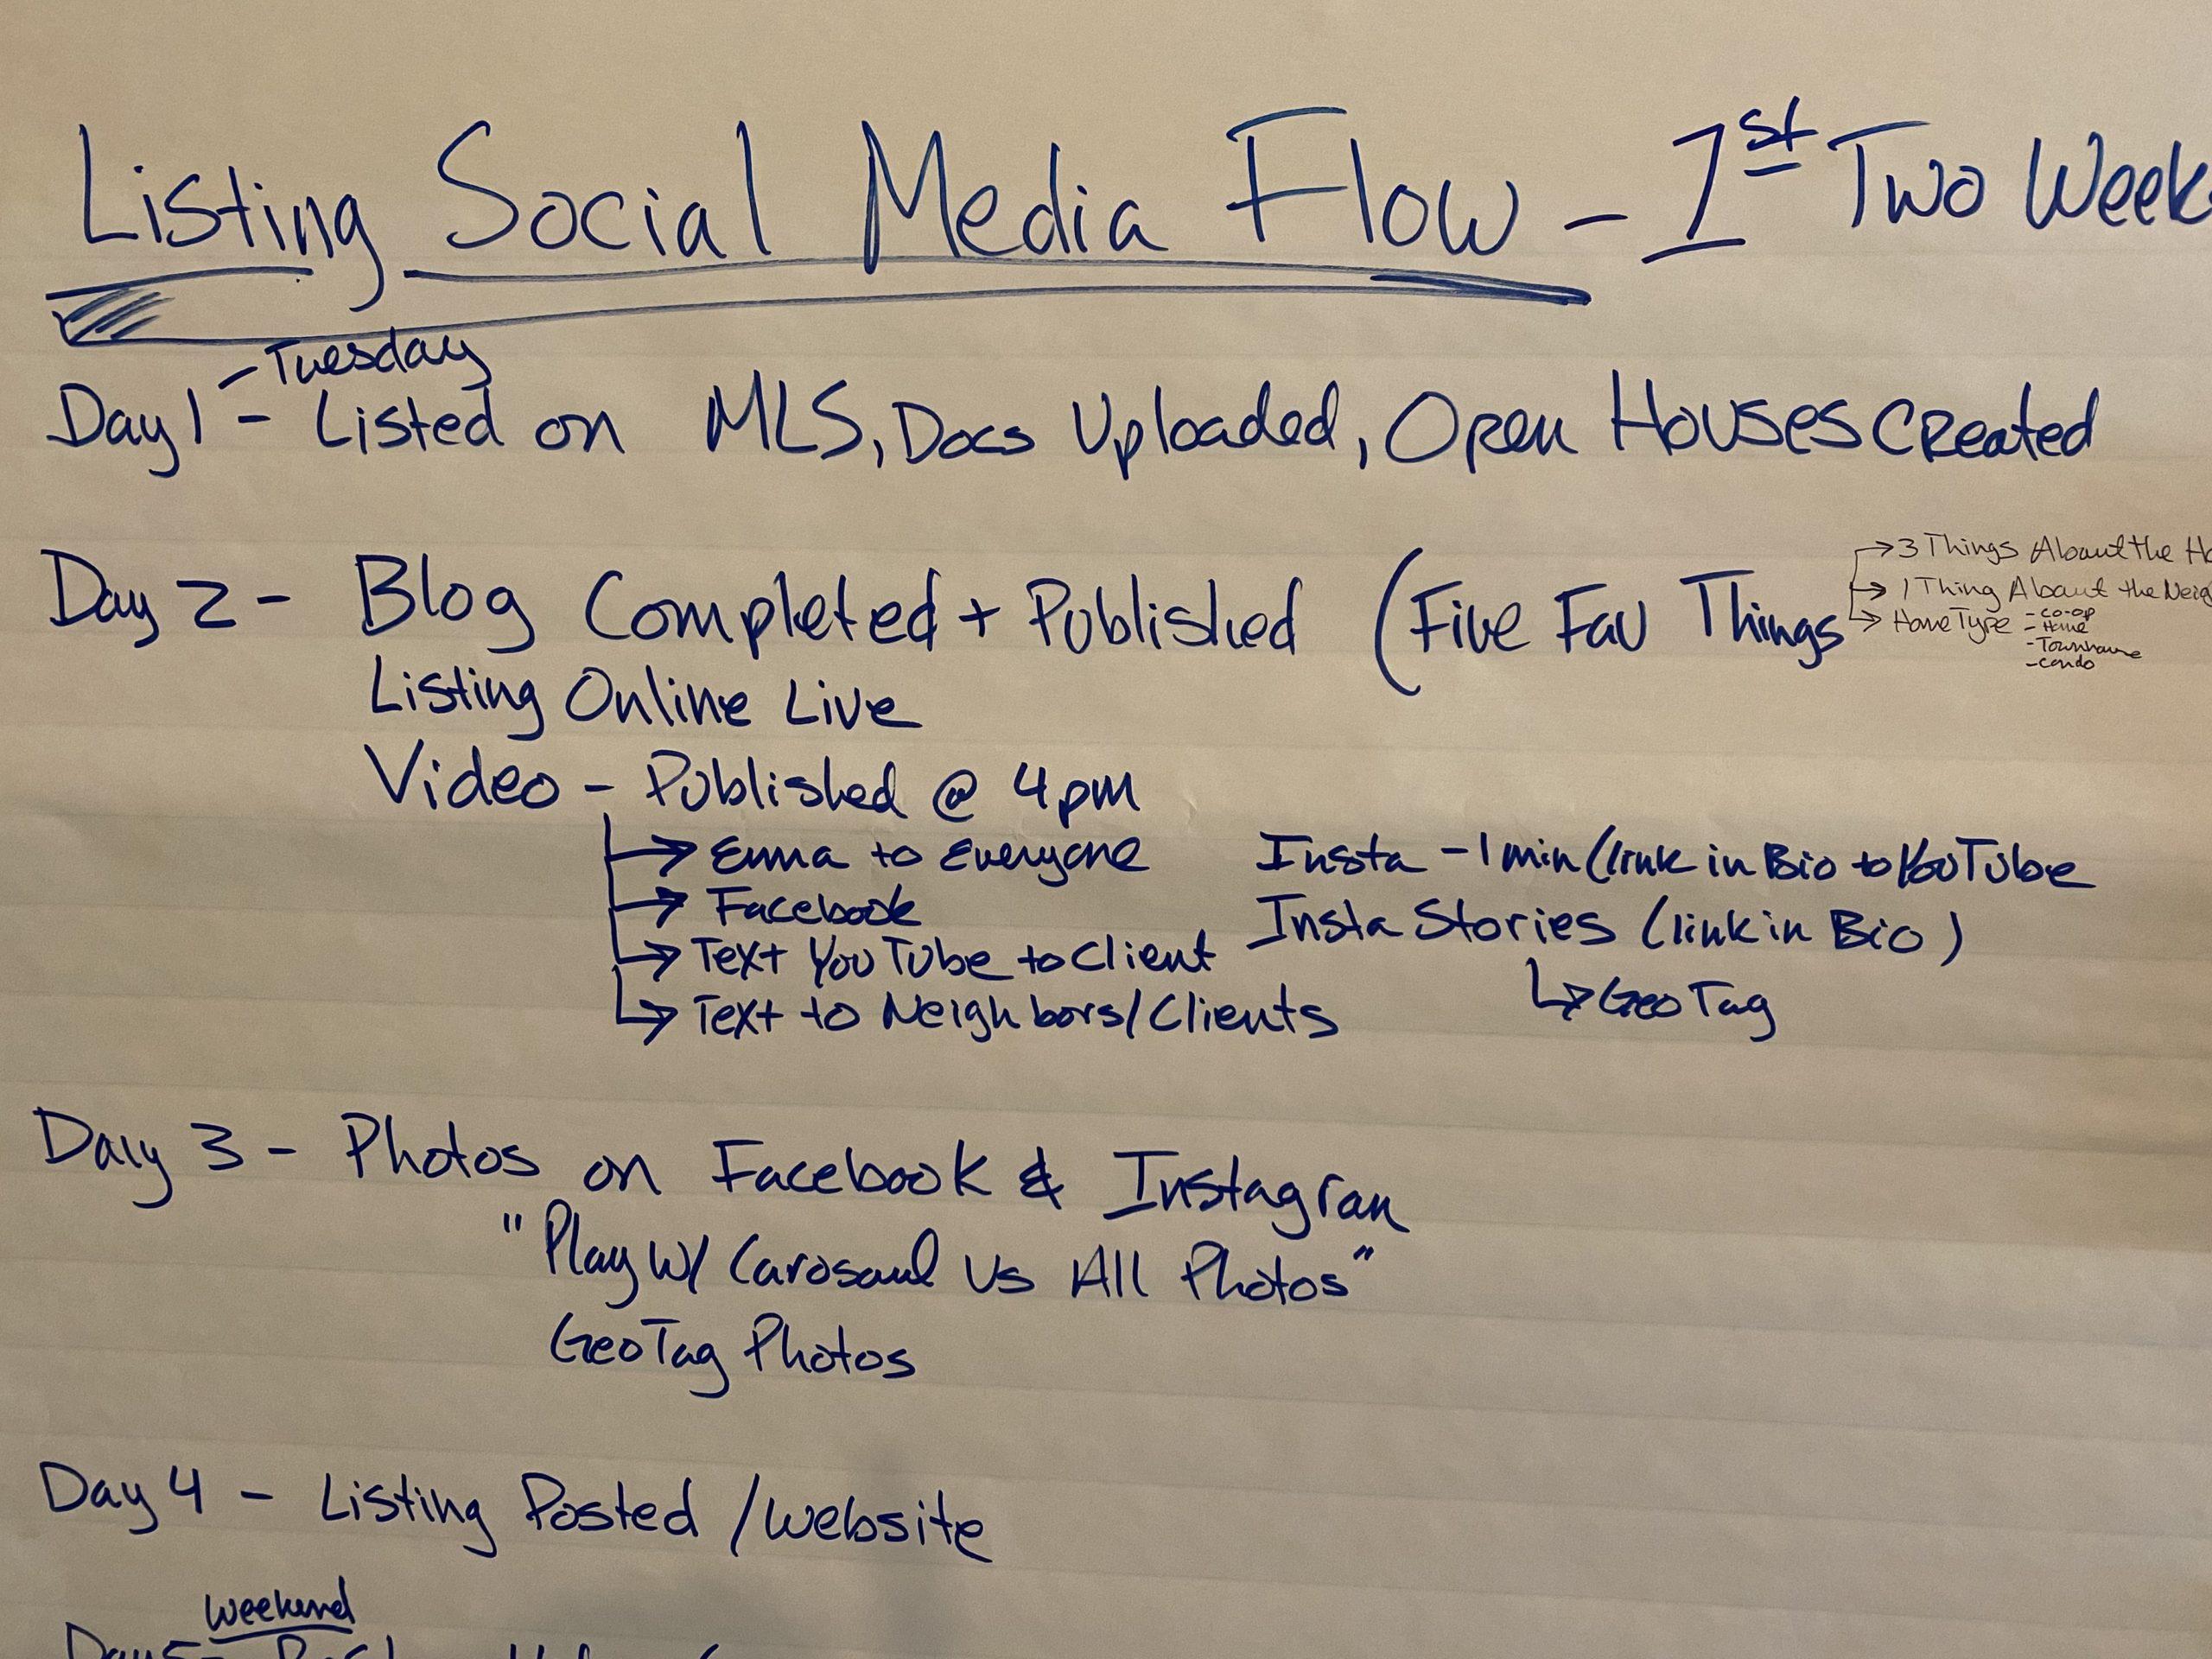 Social Media Flow for Listings